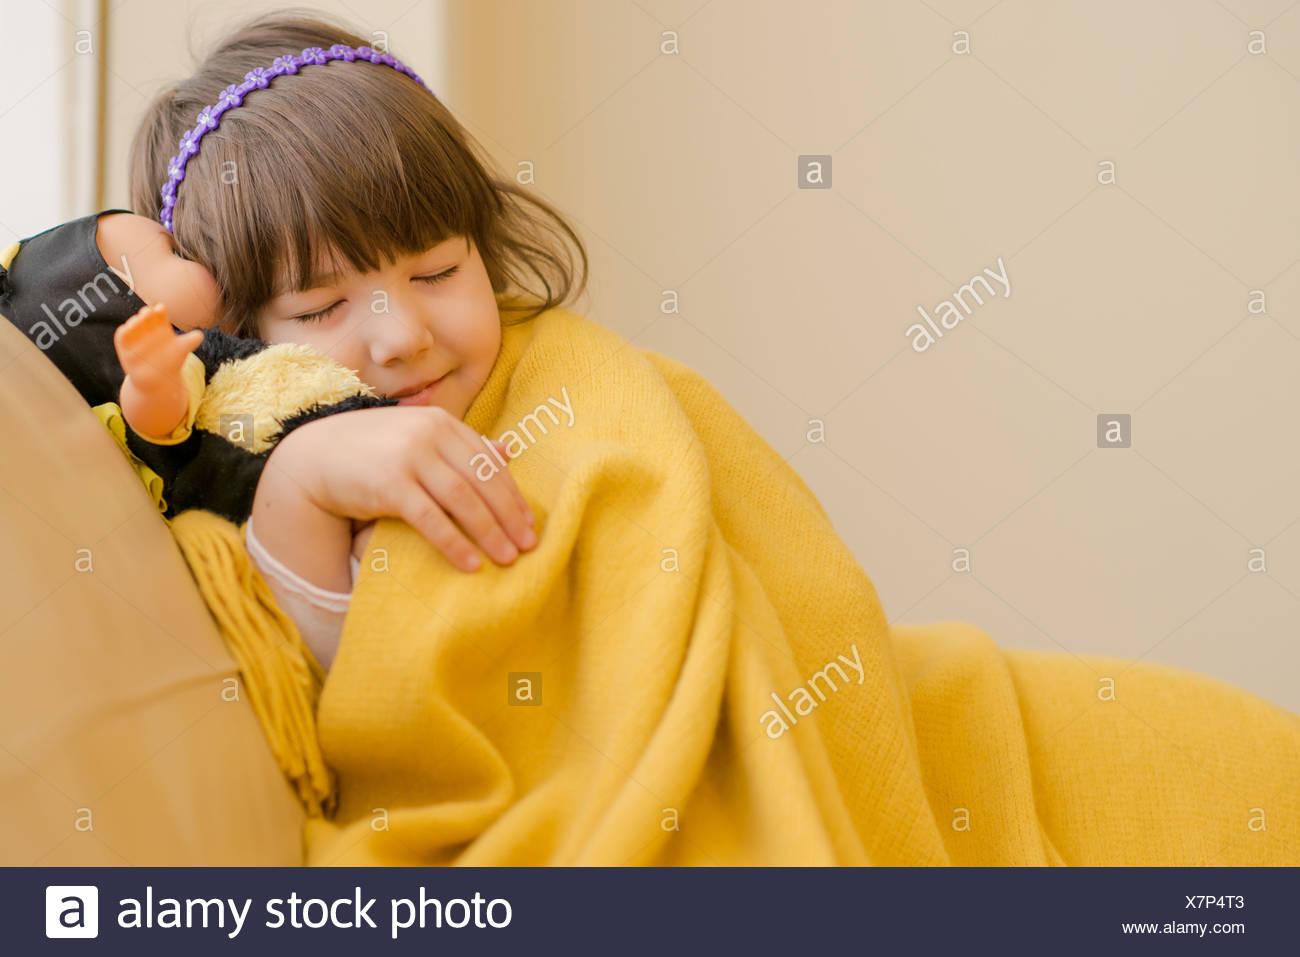 Young girl lying on sofa pretending to sleep - Stock Image